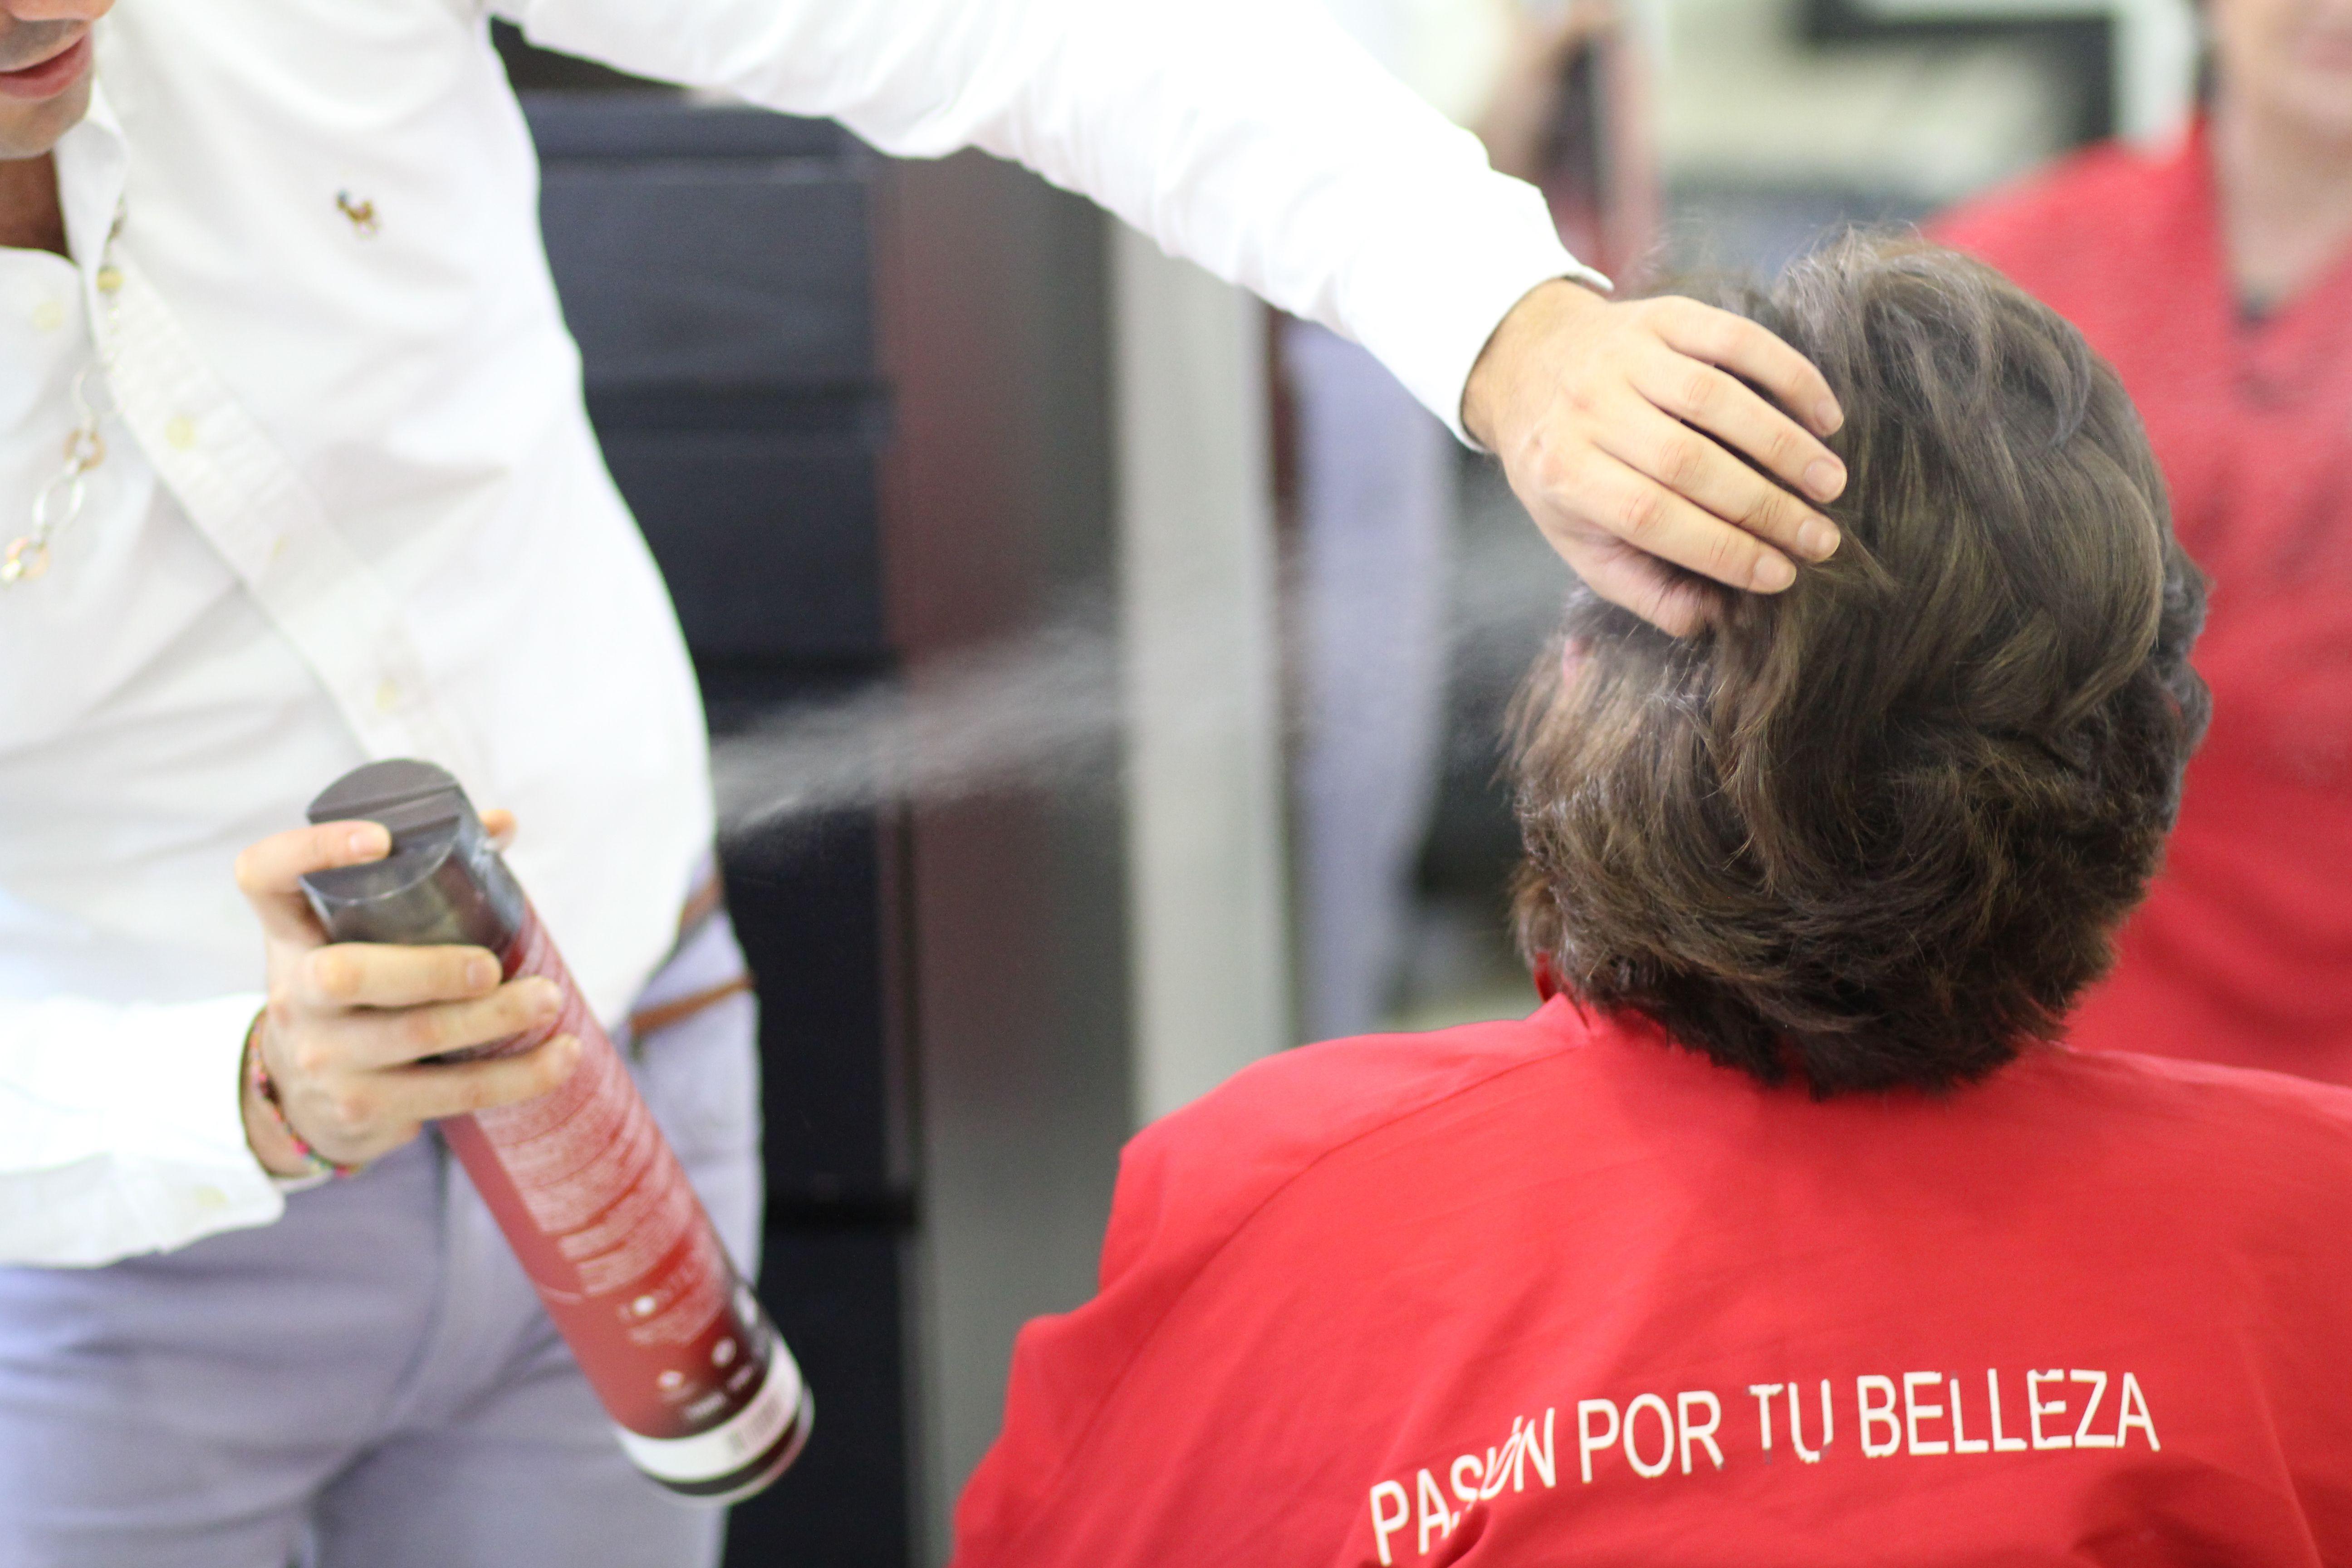 Salón de peluquería en pleno Barrio de Salamanca, Madrid